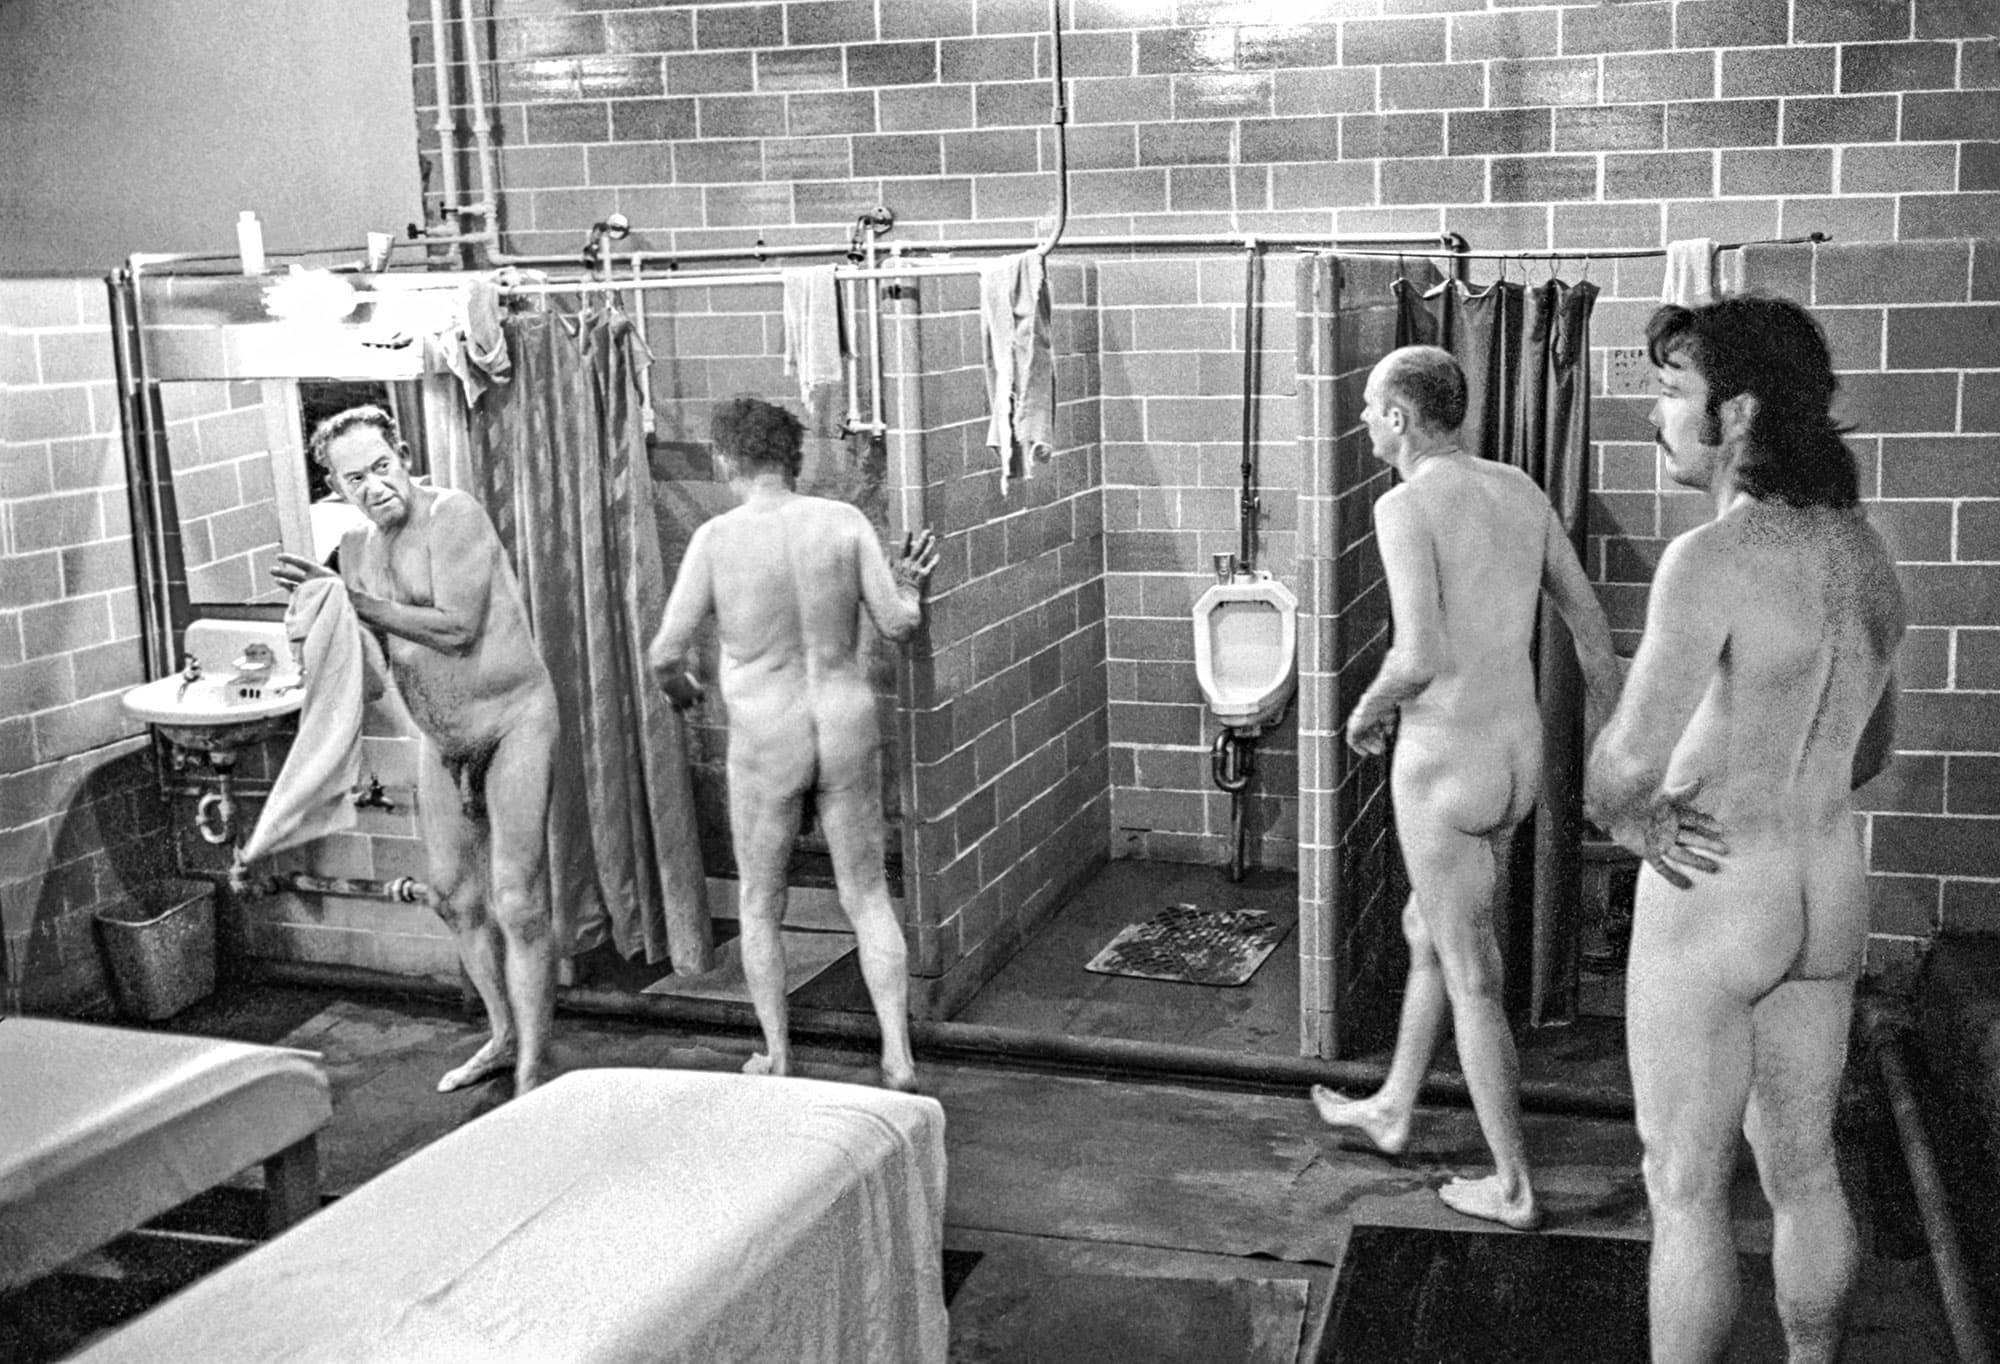 arthur-lazar-Bath-House-New-Mexico-1975